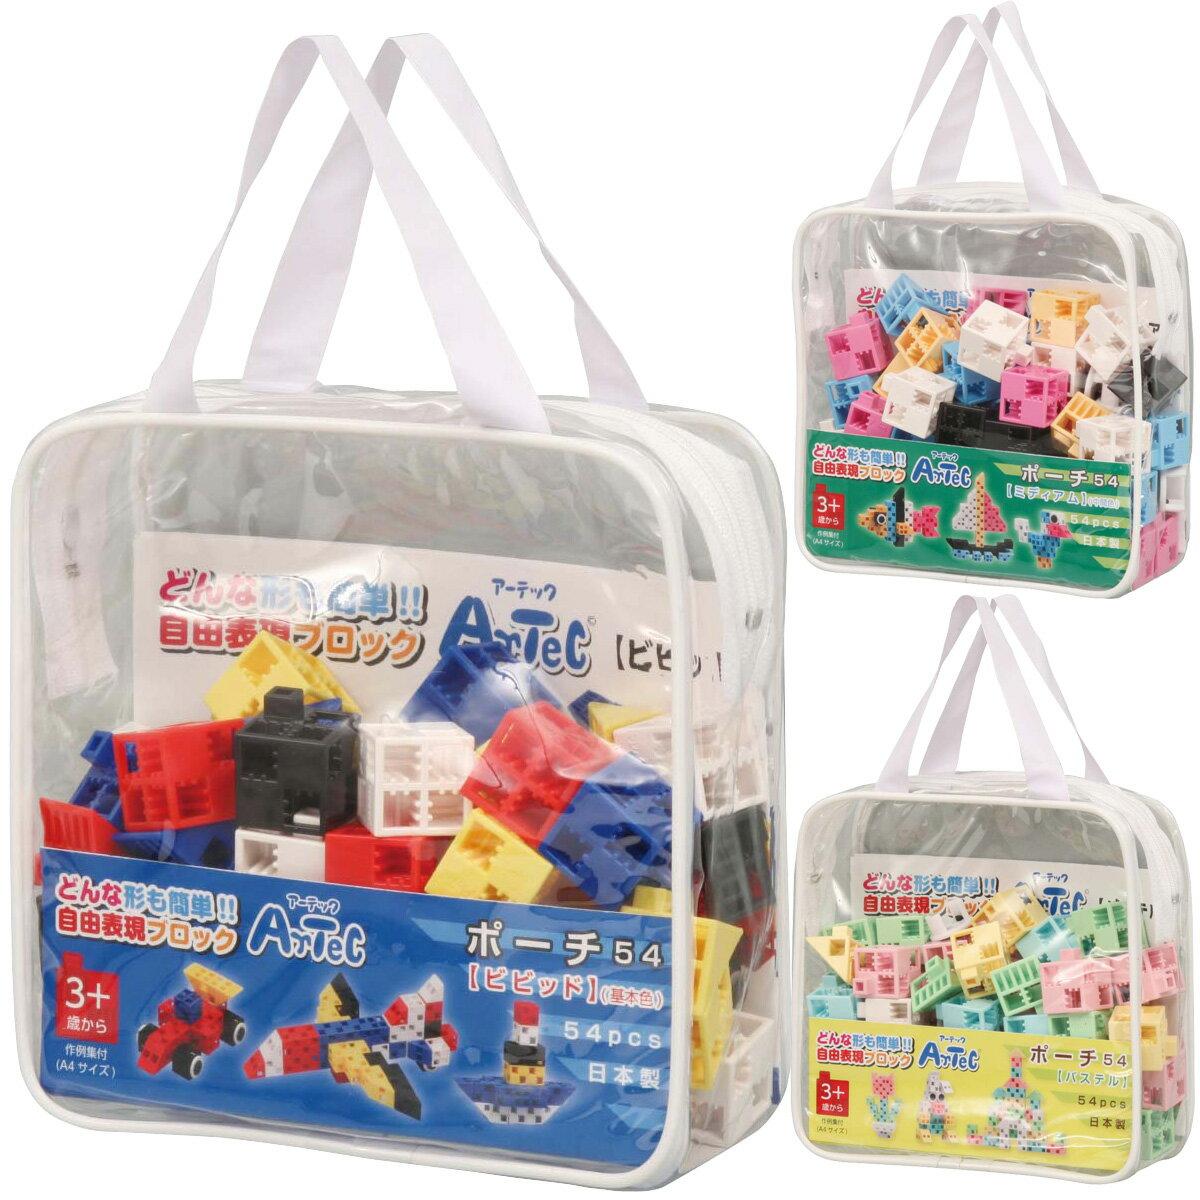 ブロック おもちゃ アーテックブロック ポーチ54 Artec 日本製 ブロック 日本製 …...:loupe-studio:10476678